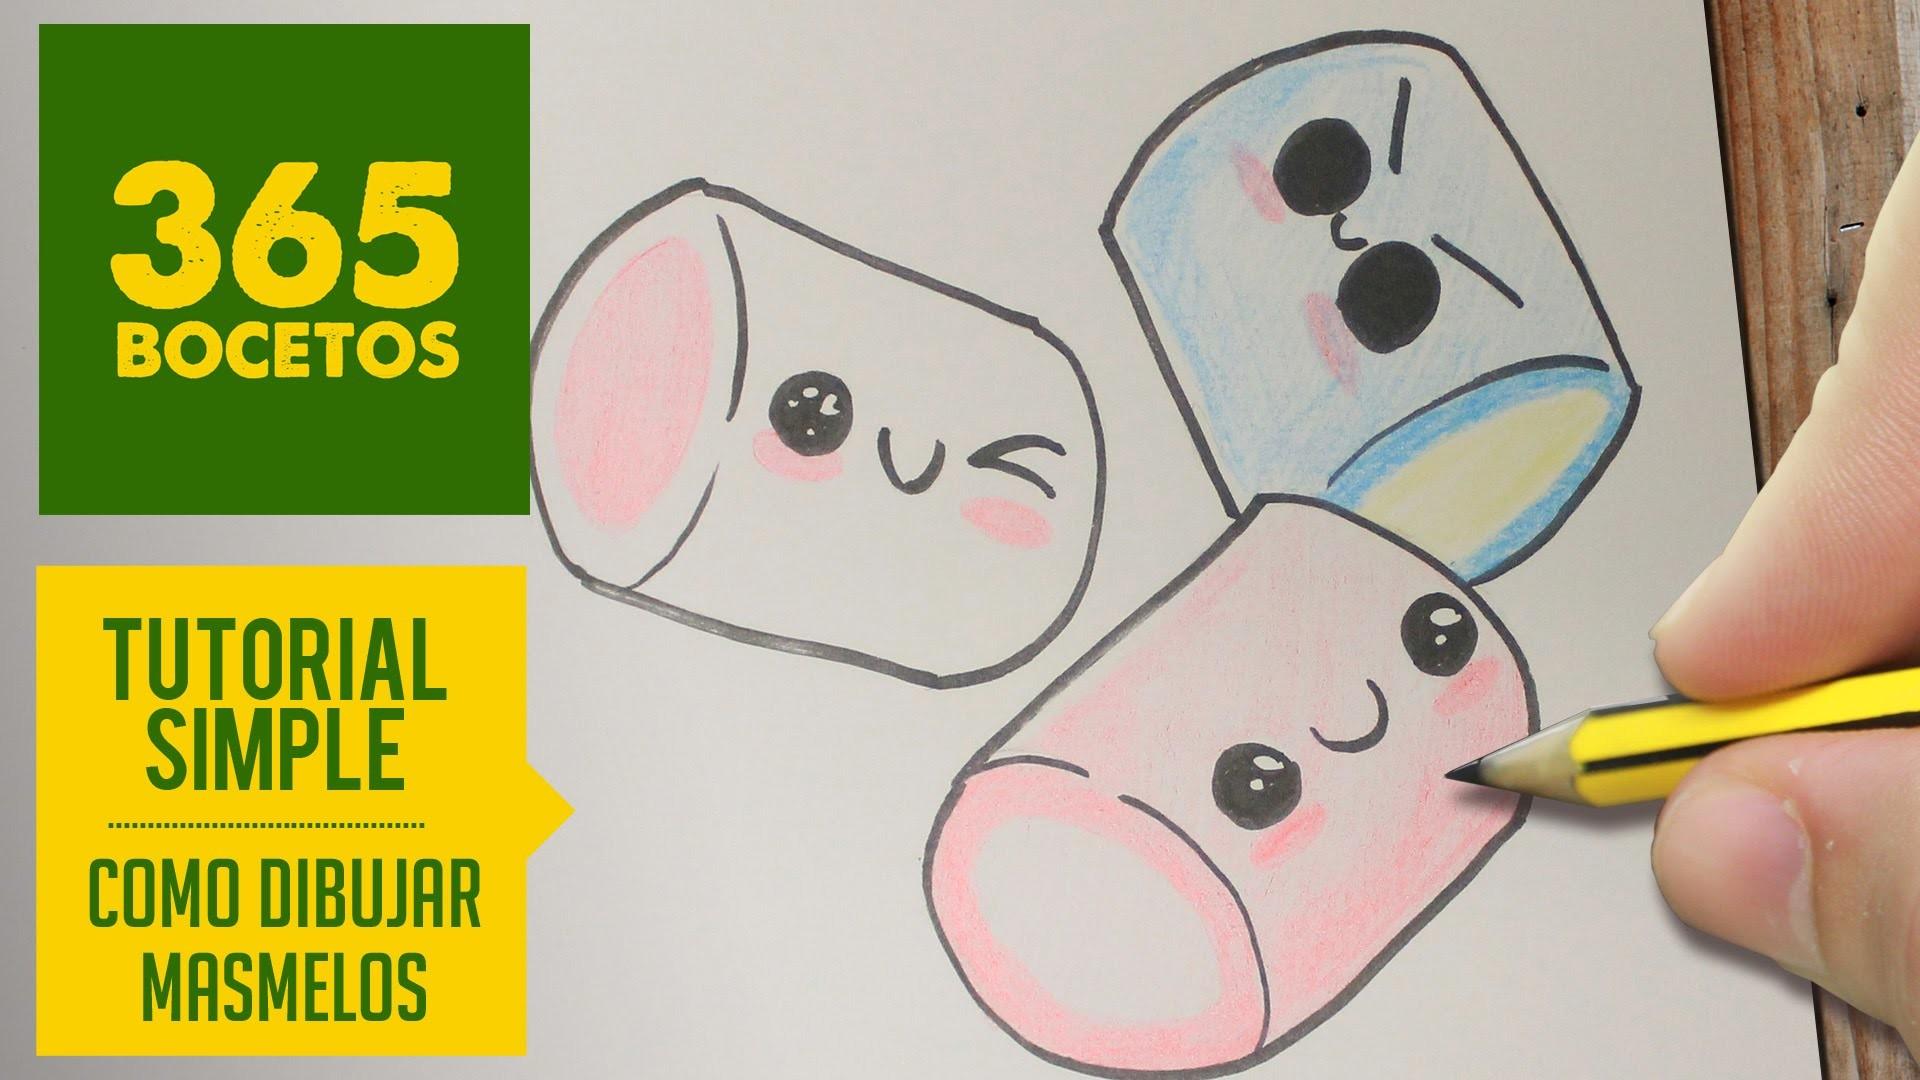 COMO DIBUJAR UN MASMELO KAWAII PASO A PASO - Dibujos kawaii faciles - How to draw a marshmallow